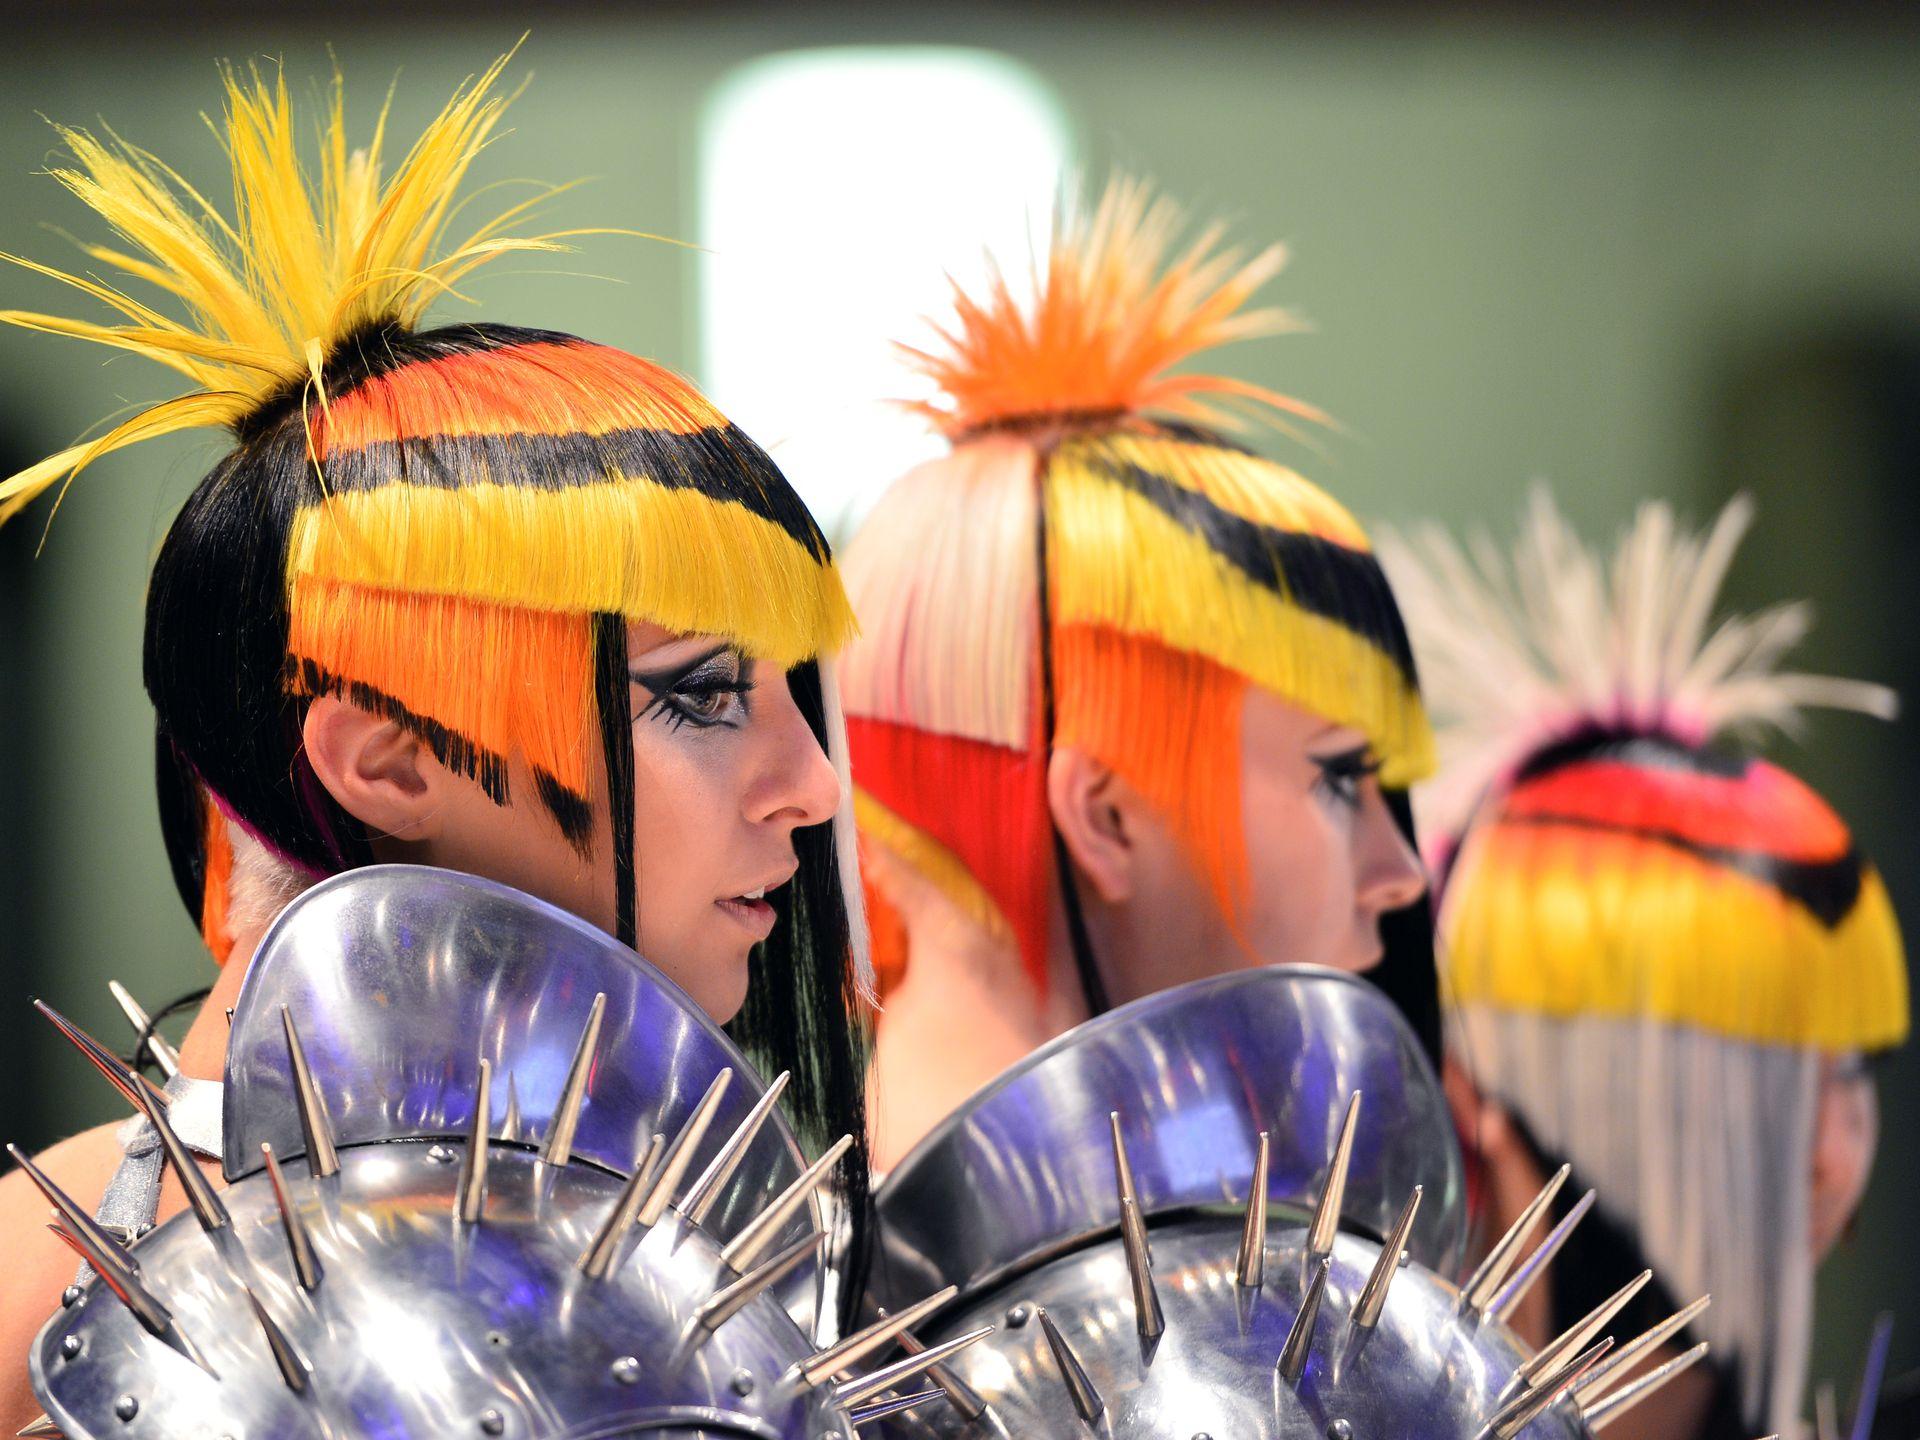 фотографии с чемпионатов по парикмахерскому гага часто